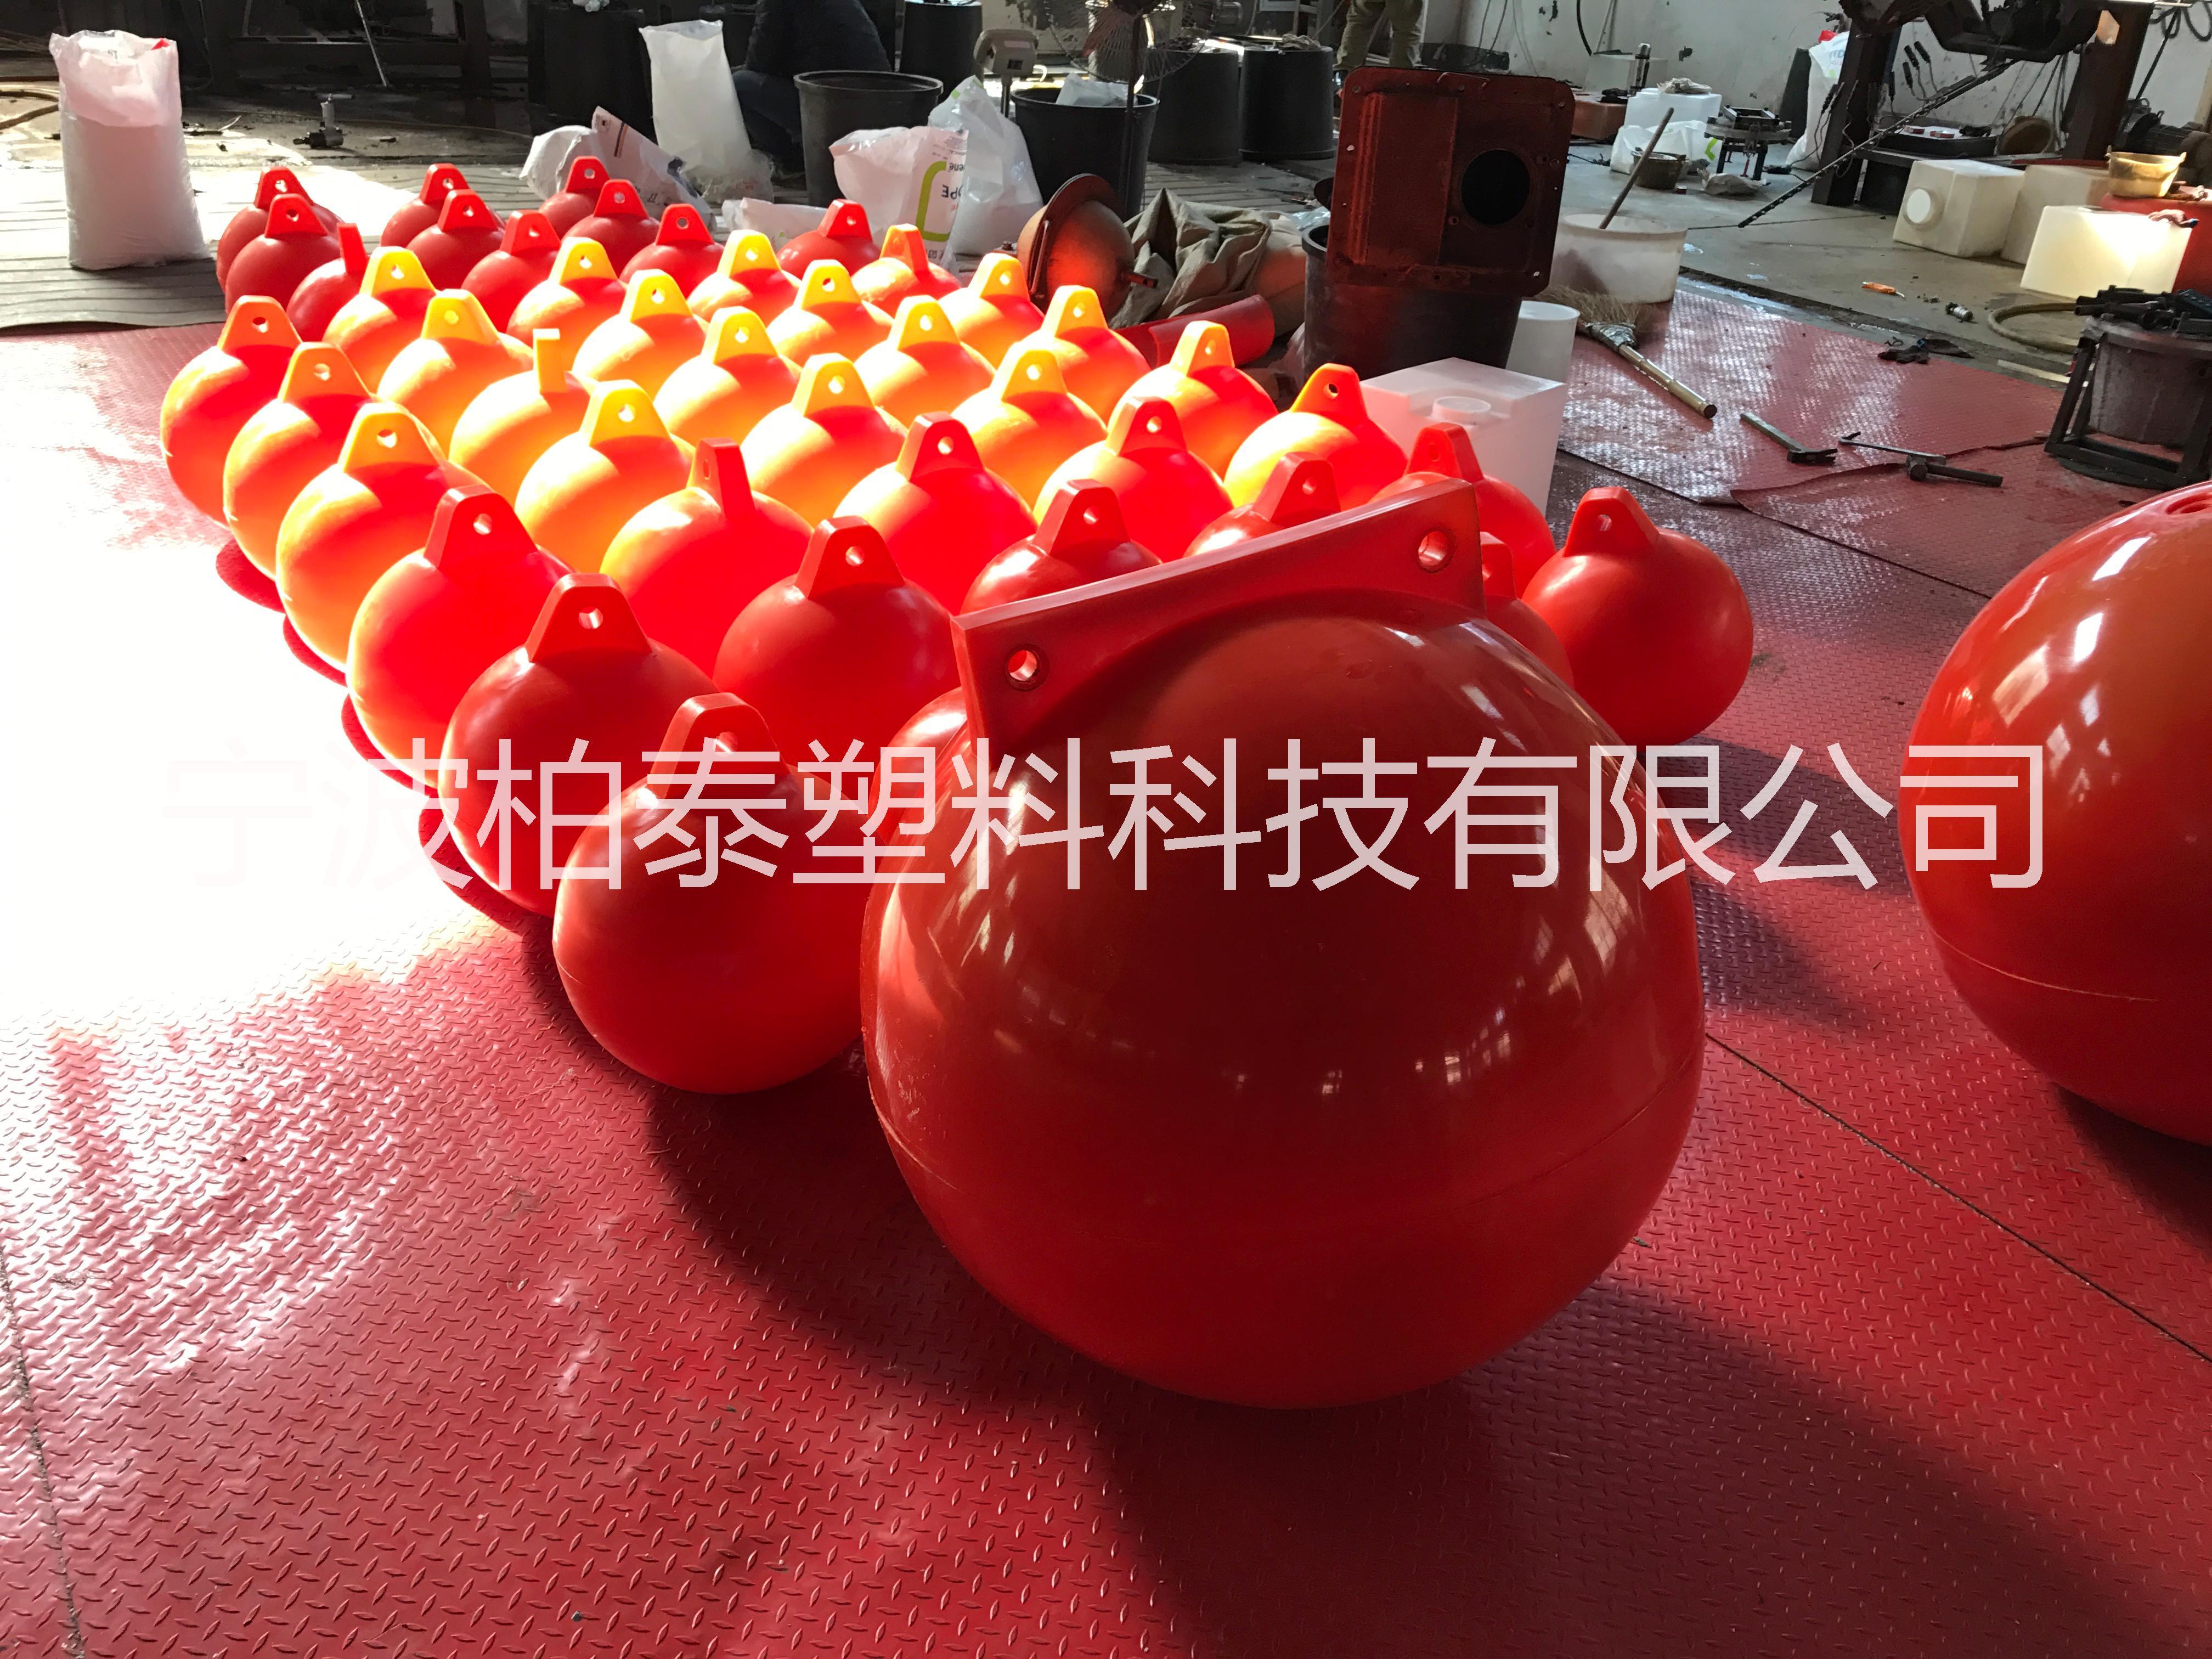 岳阳海边深水区域禁止游客下水浮球